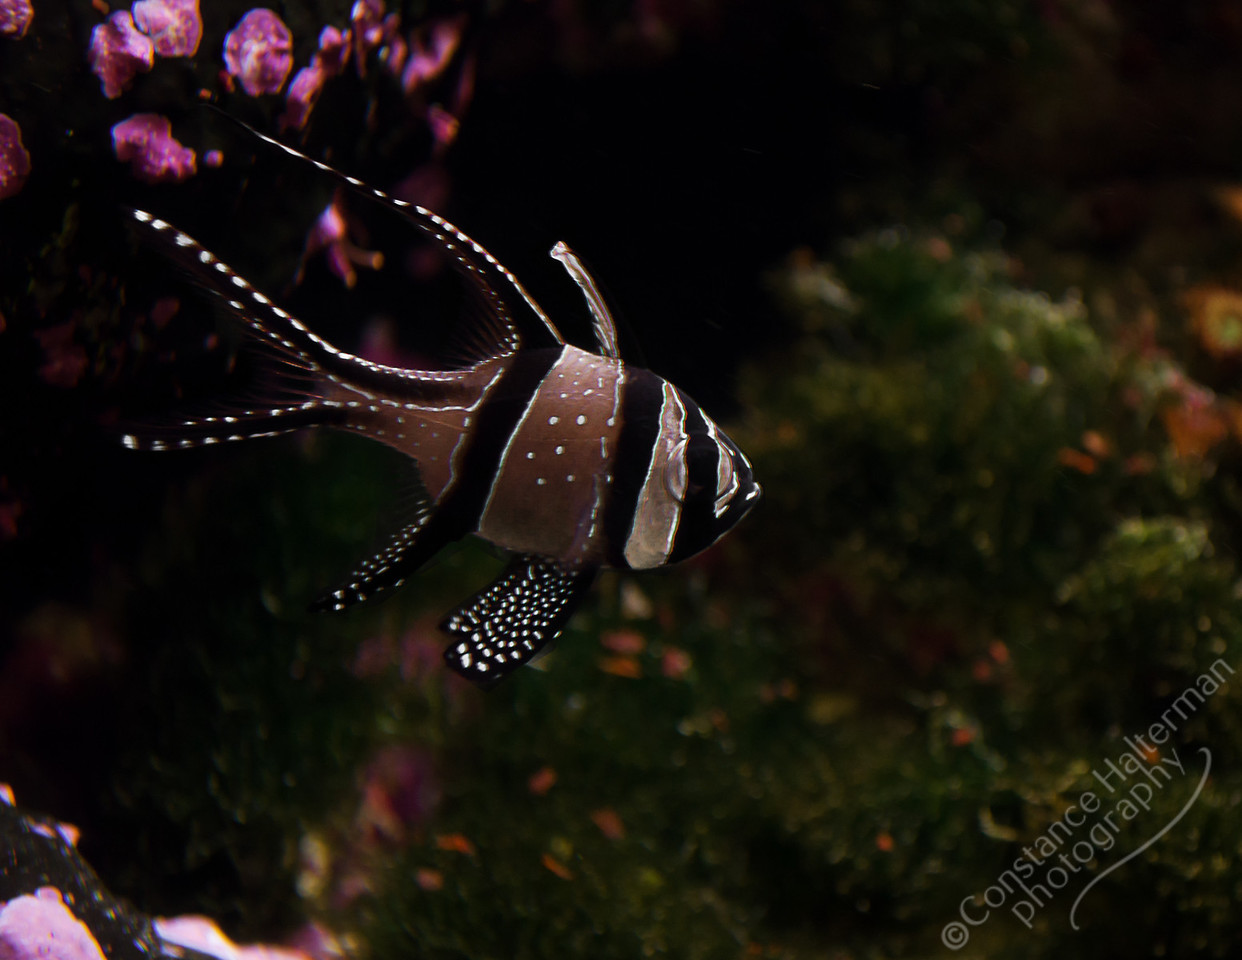 Melbourne Aquarium, Melbourne - Cardinal fish